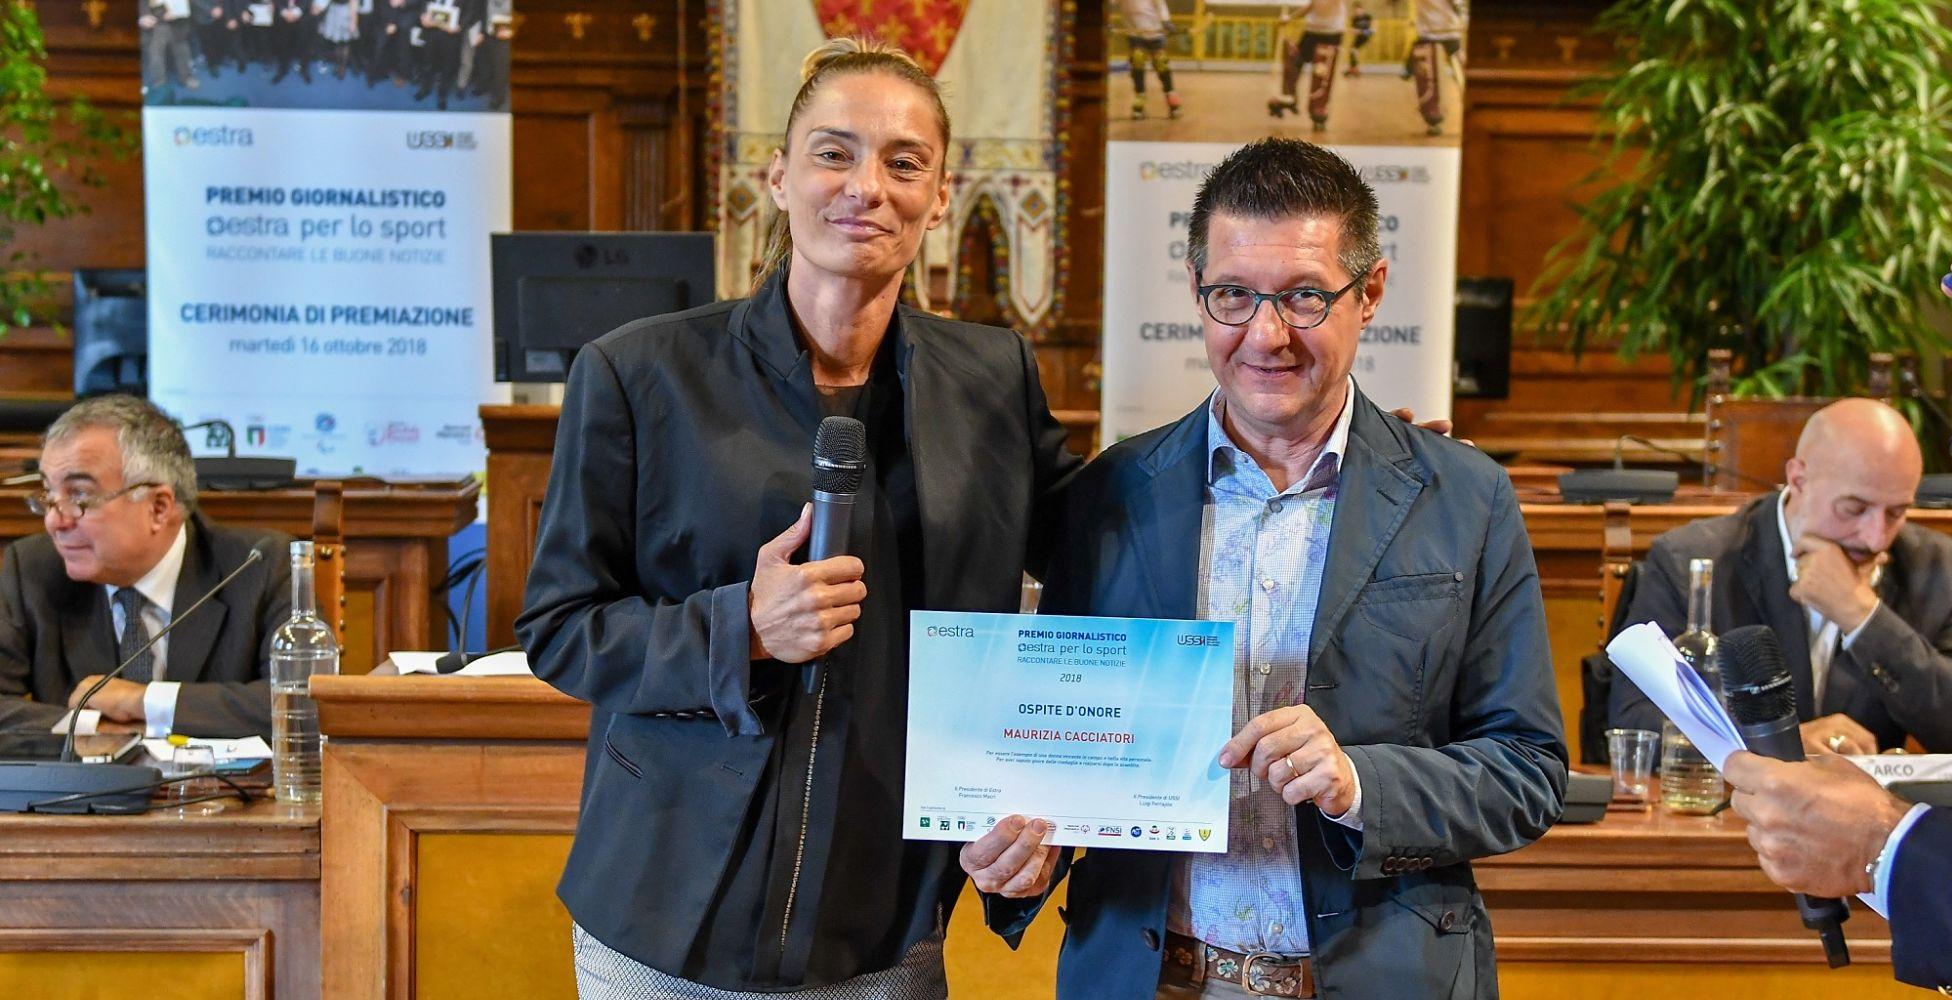 Cacciatori abati premio giornalistico 2017 2018